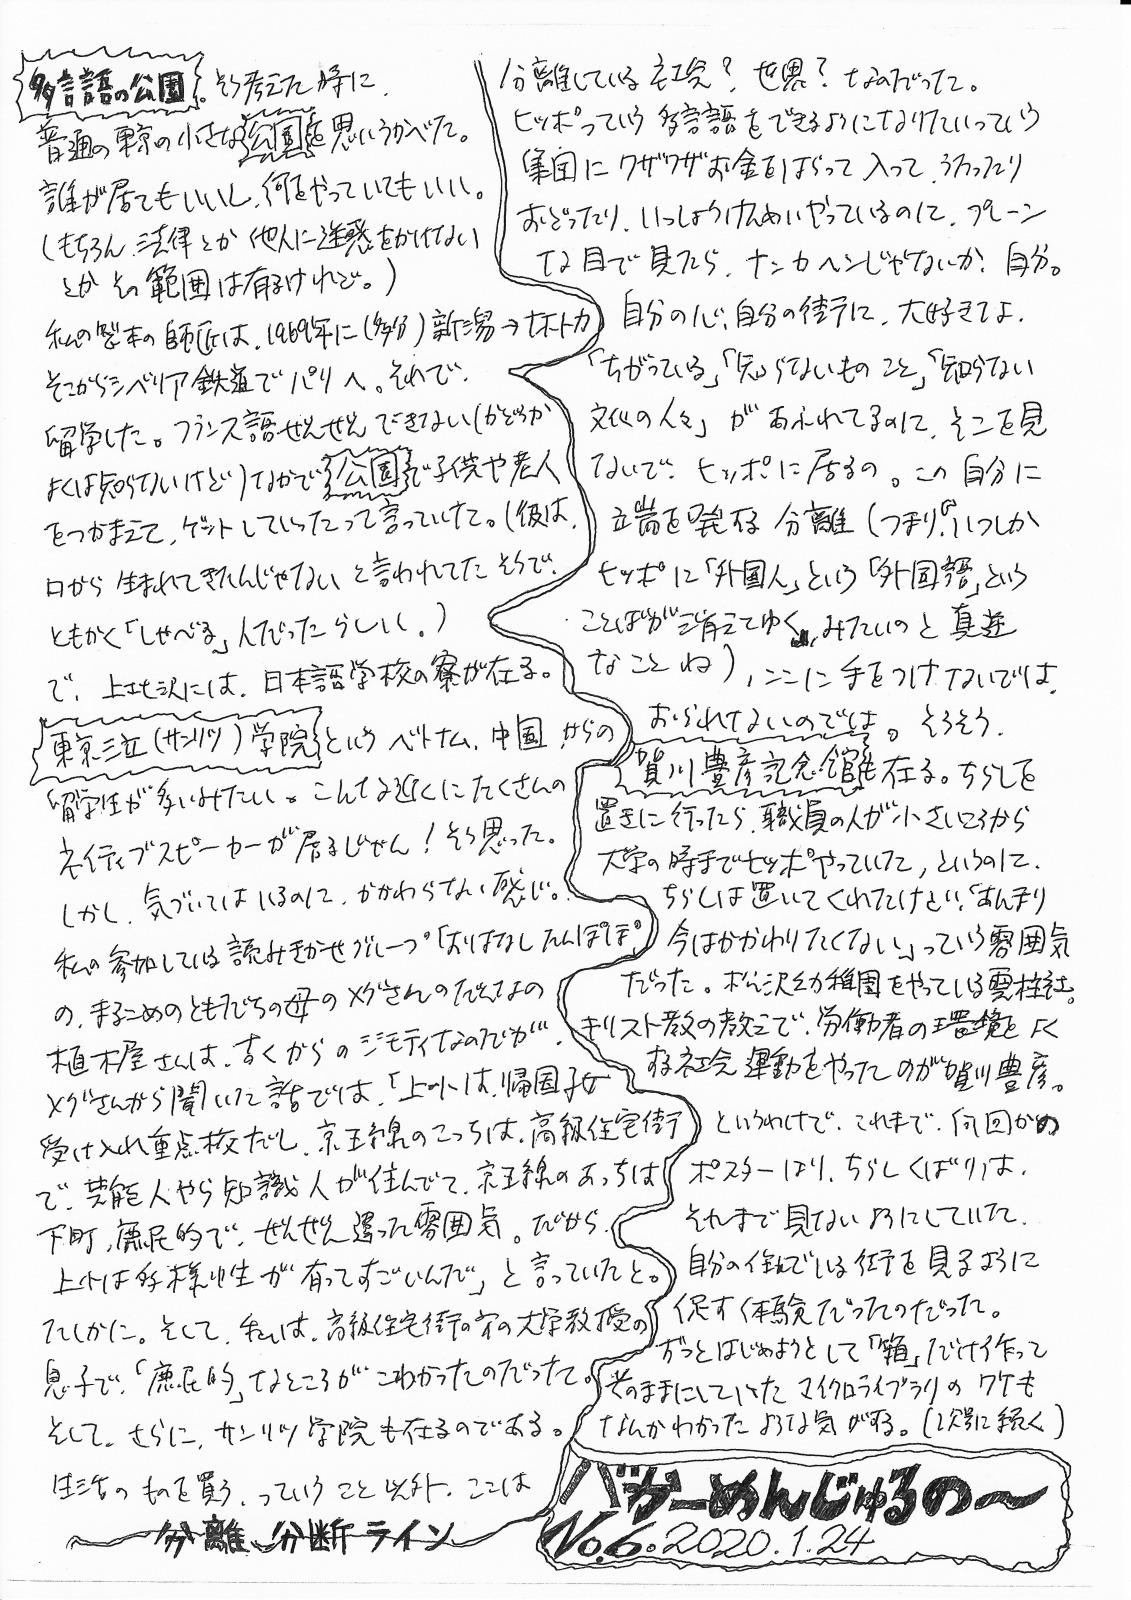 http://yoyamazaki.jp/blog/blog/%E3%81%B0%E3%81%8B%E3%83%BC%E3%82%81%E3%82%93%E3%81%98%E3%82%85%E3%82%8B%E3%81%AE%EF%BC%96.jpg